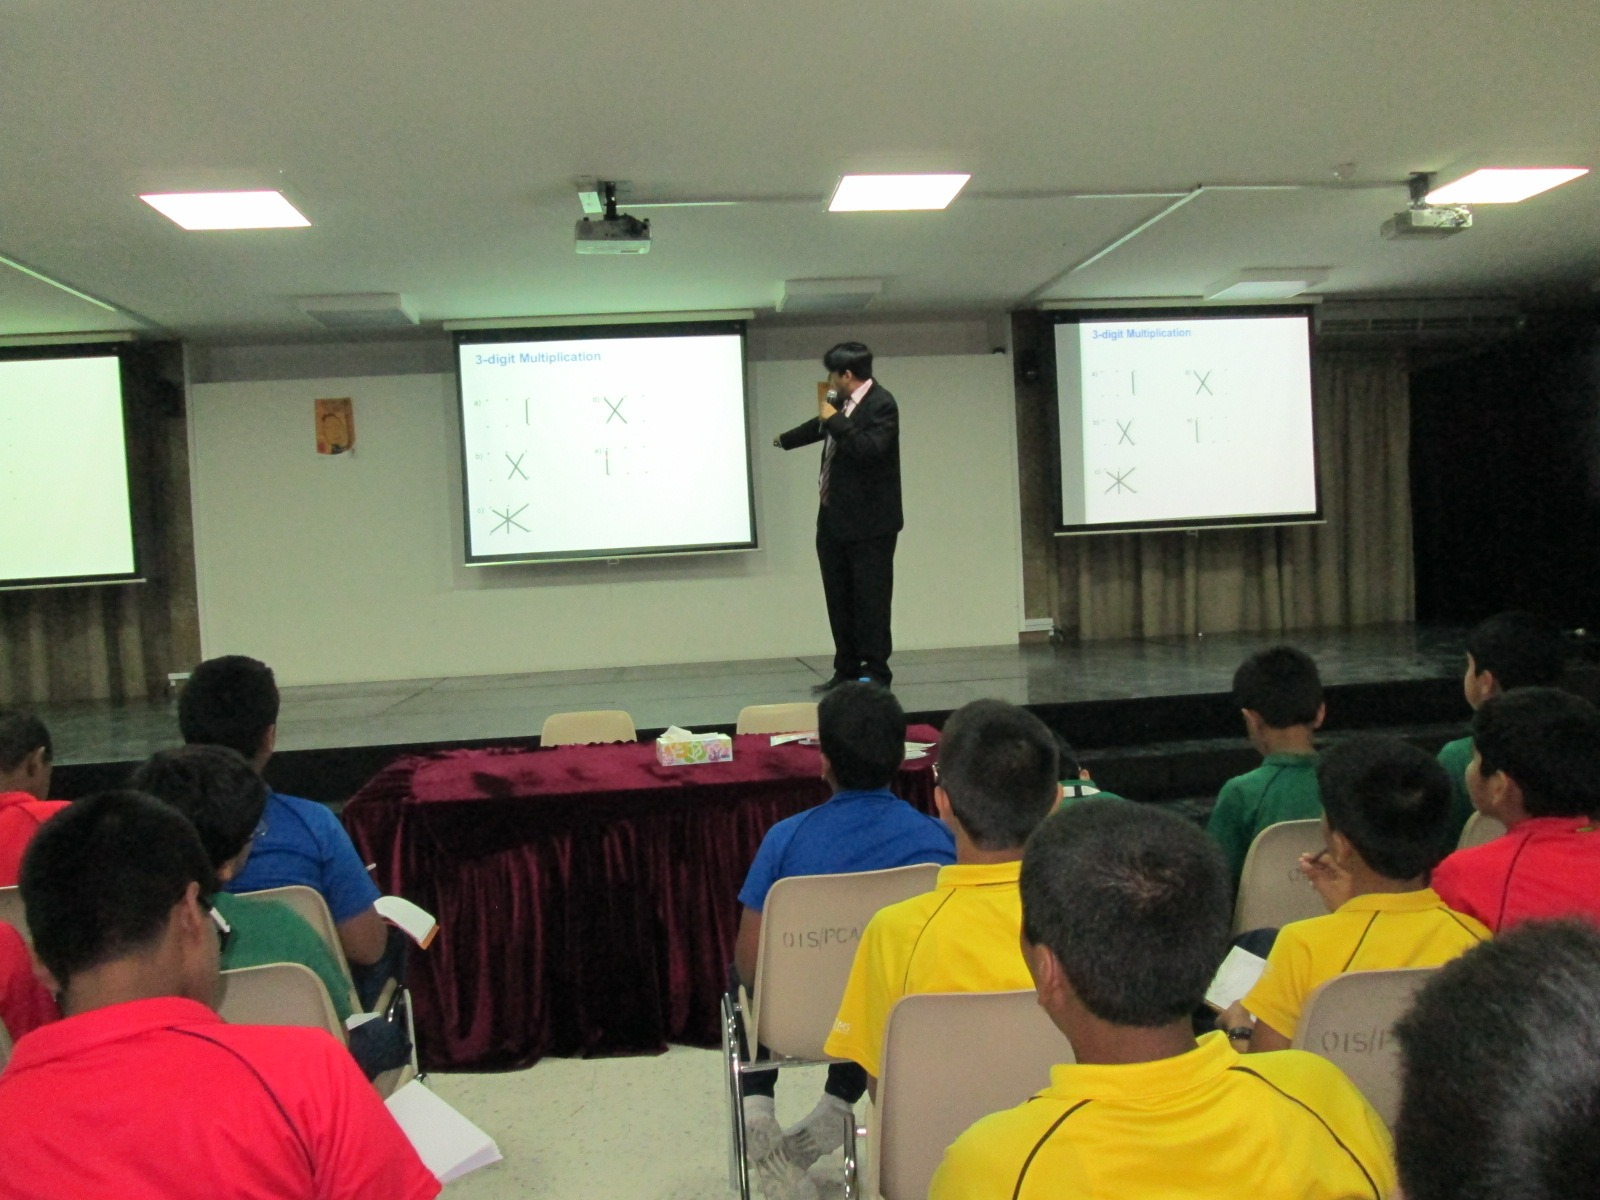 At a school in DUBAI